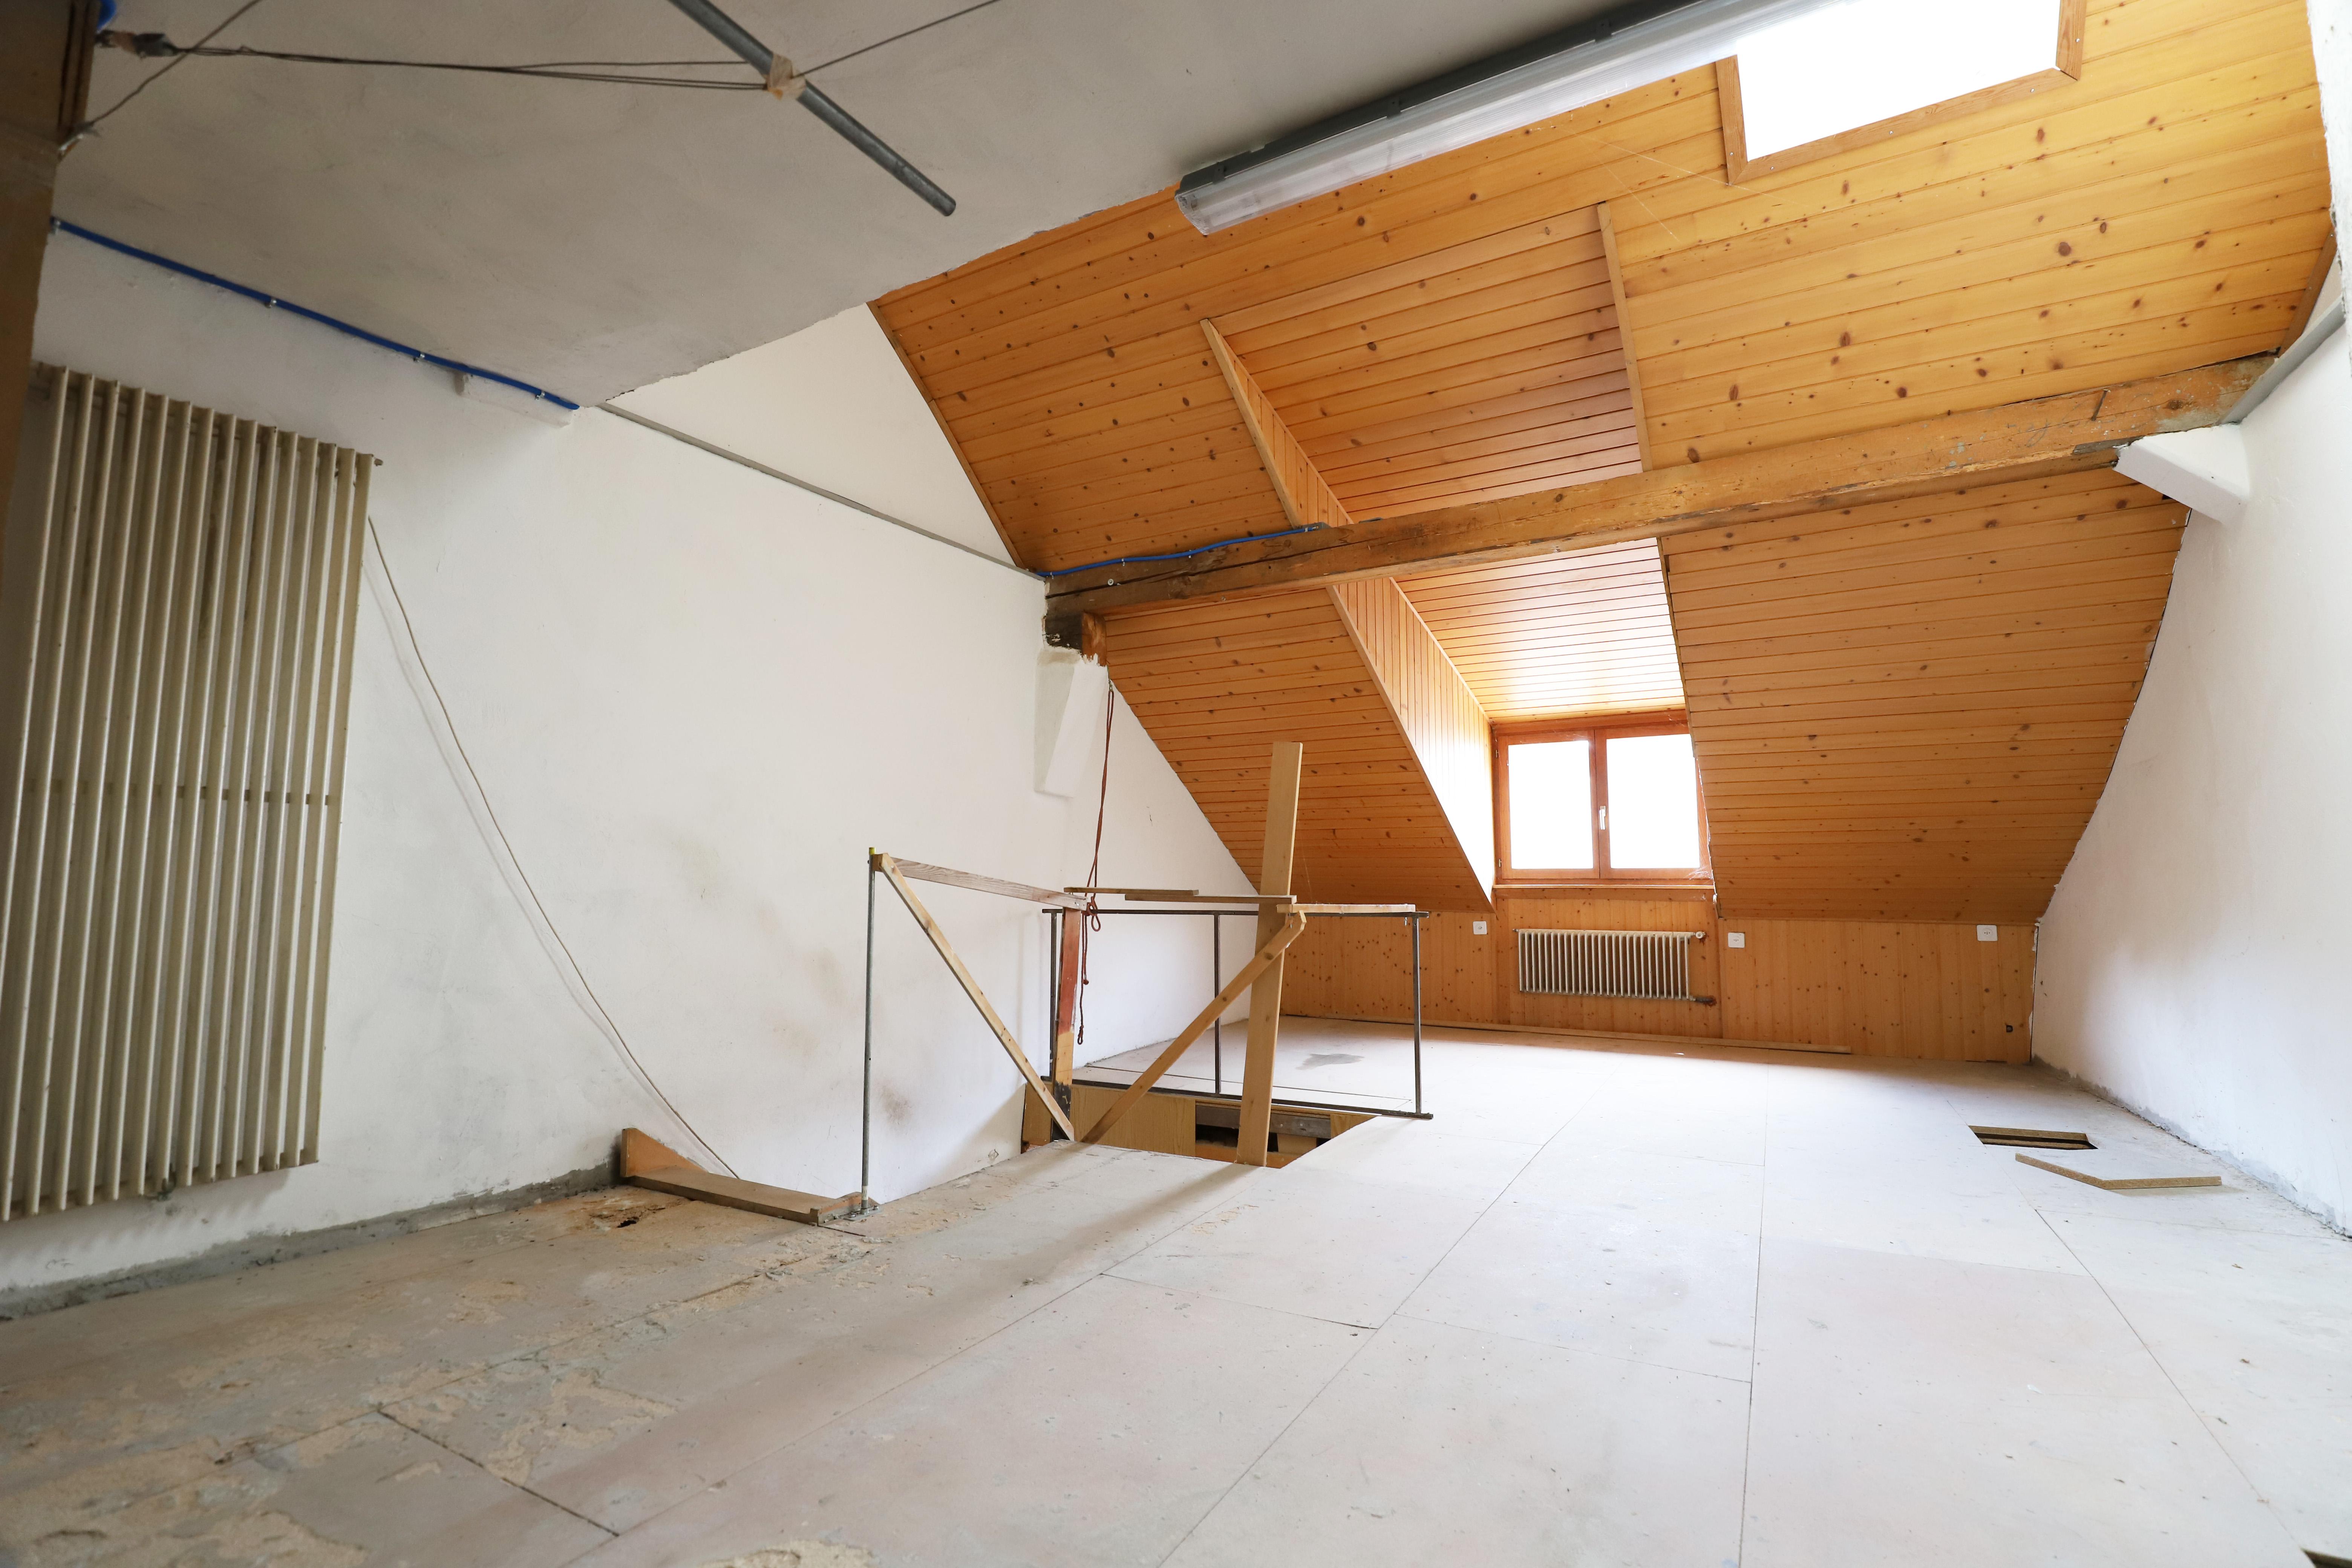 Dachraum2